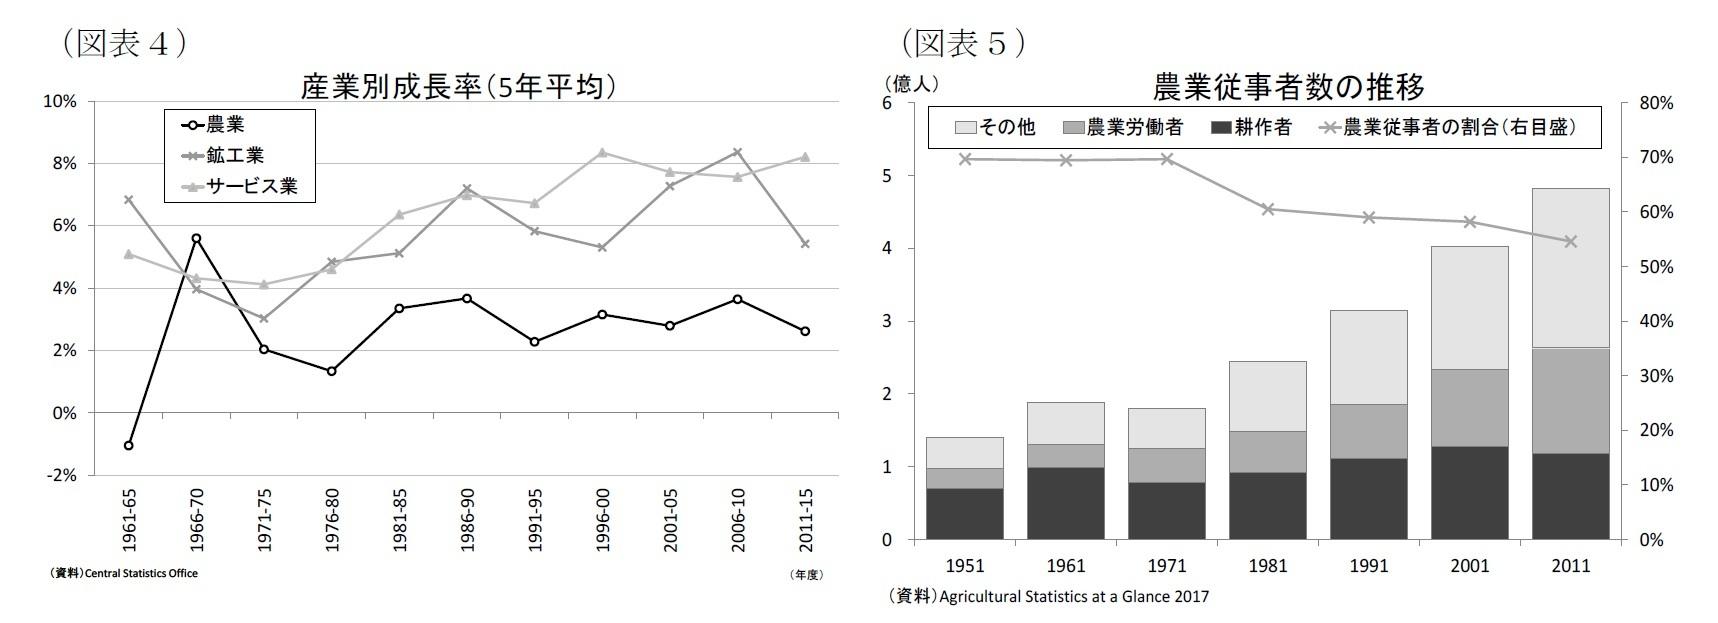 (図表4)産業別成長率(5年平均)/(図表5)農業従事者数の推移